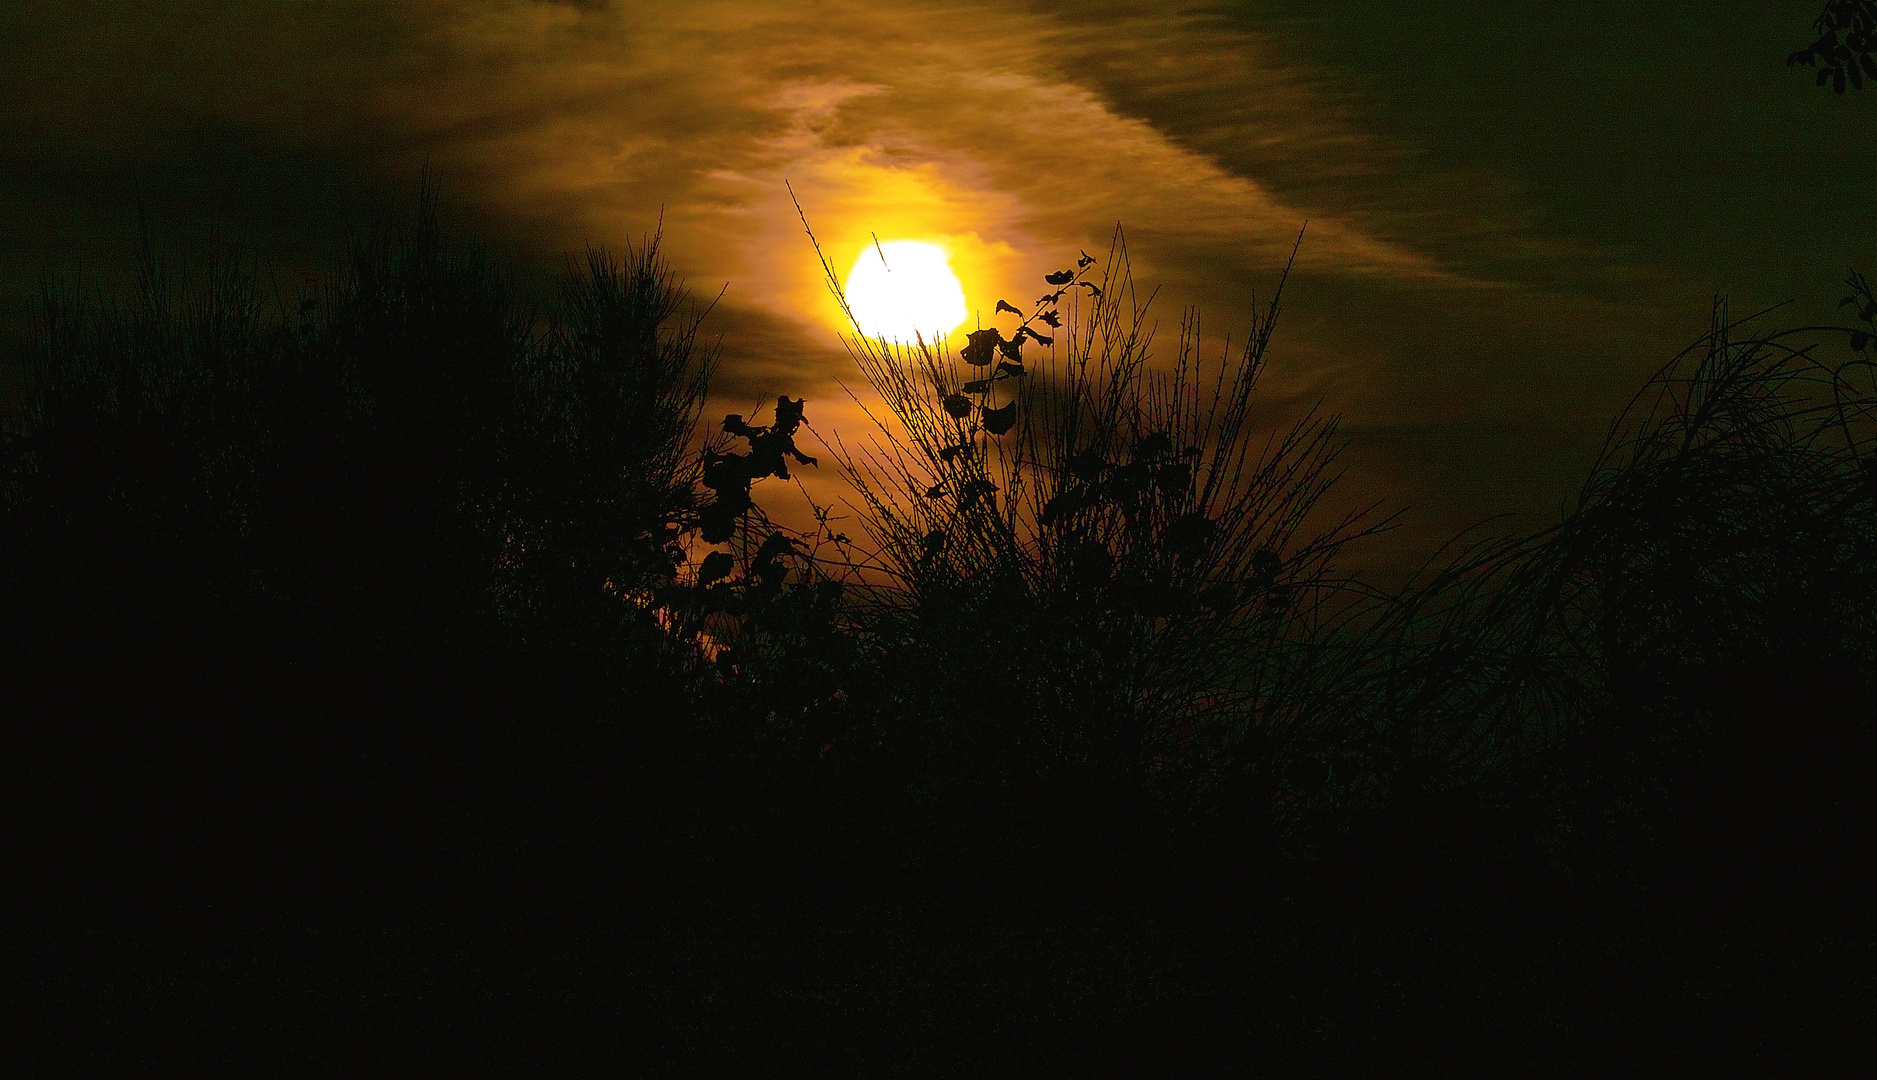 Sonnenuntergang in der Wahner-Heide